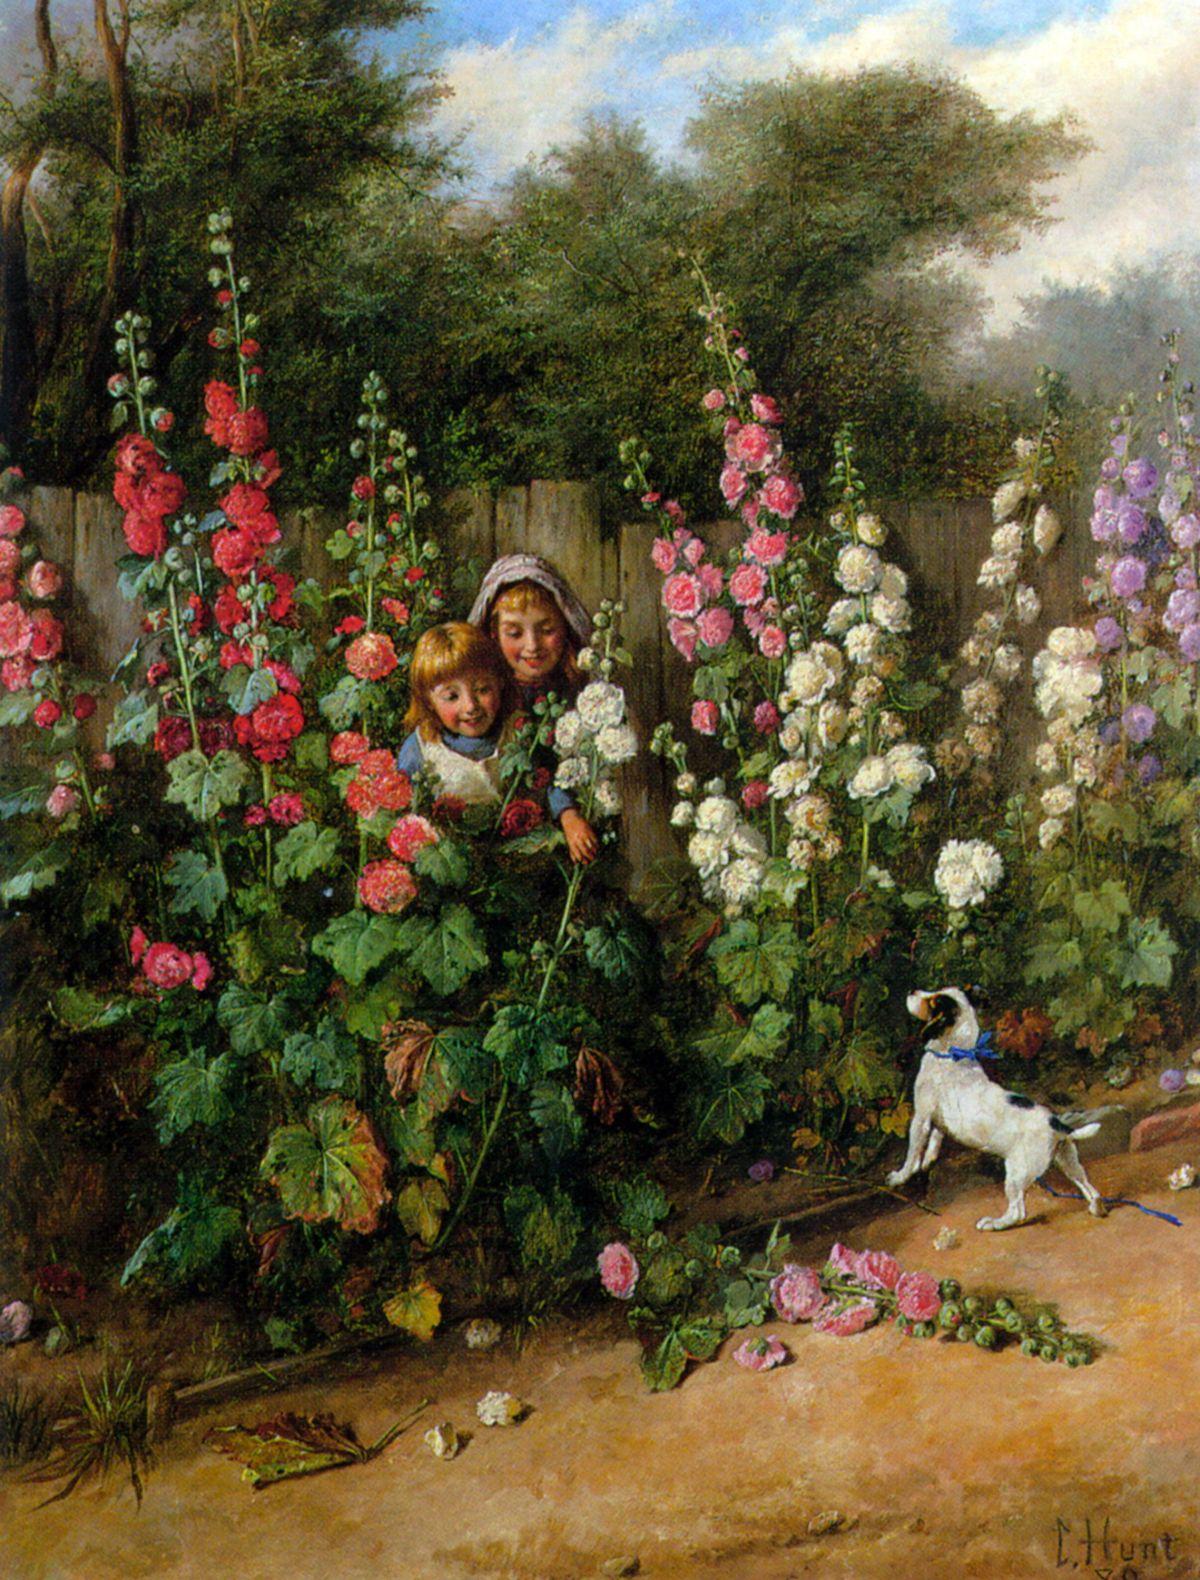 Behind the Hollyhocks by Charles Hunt